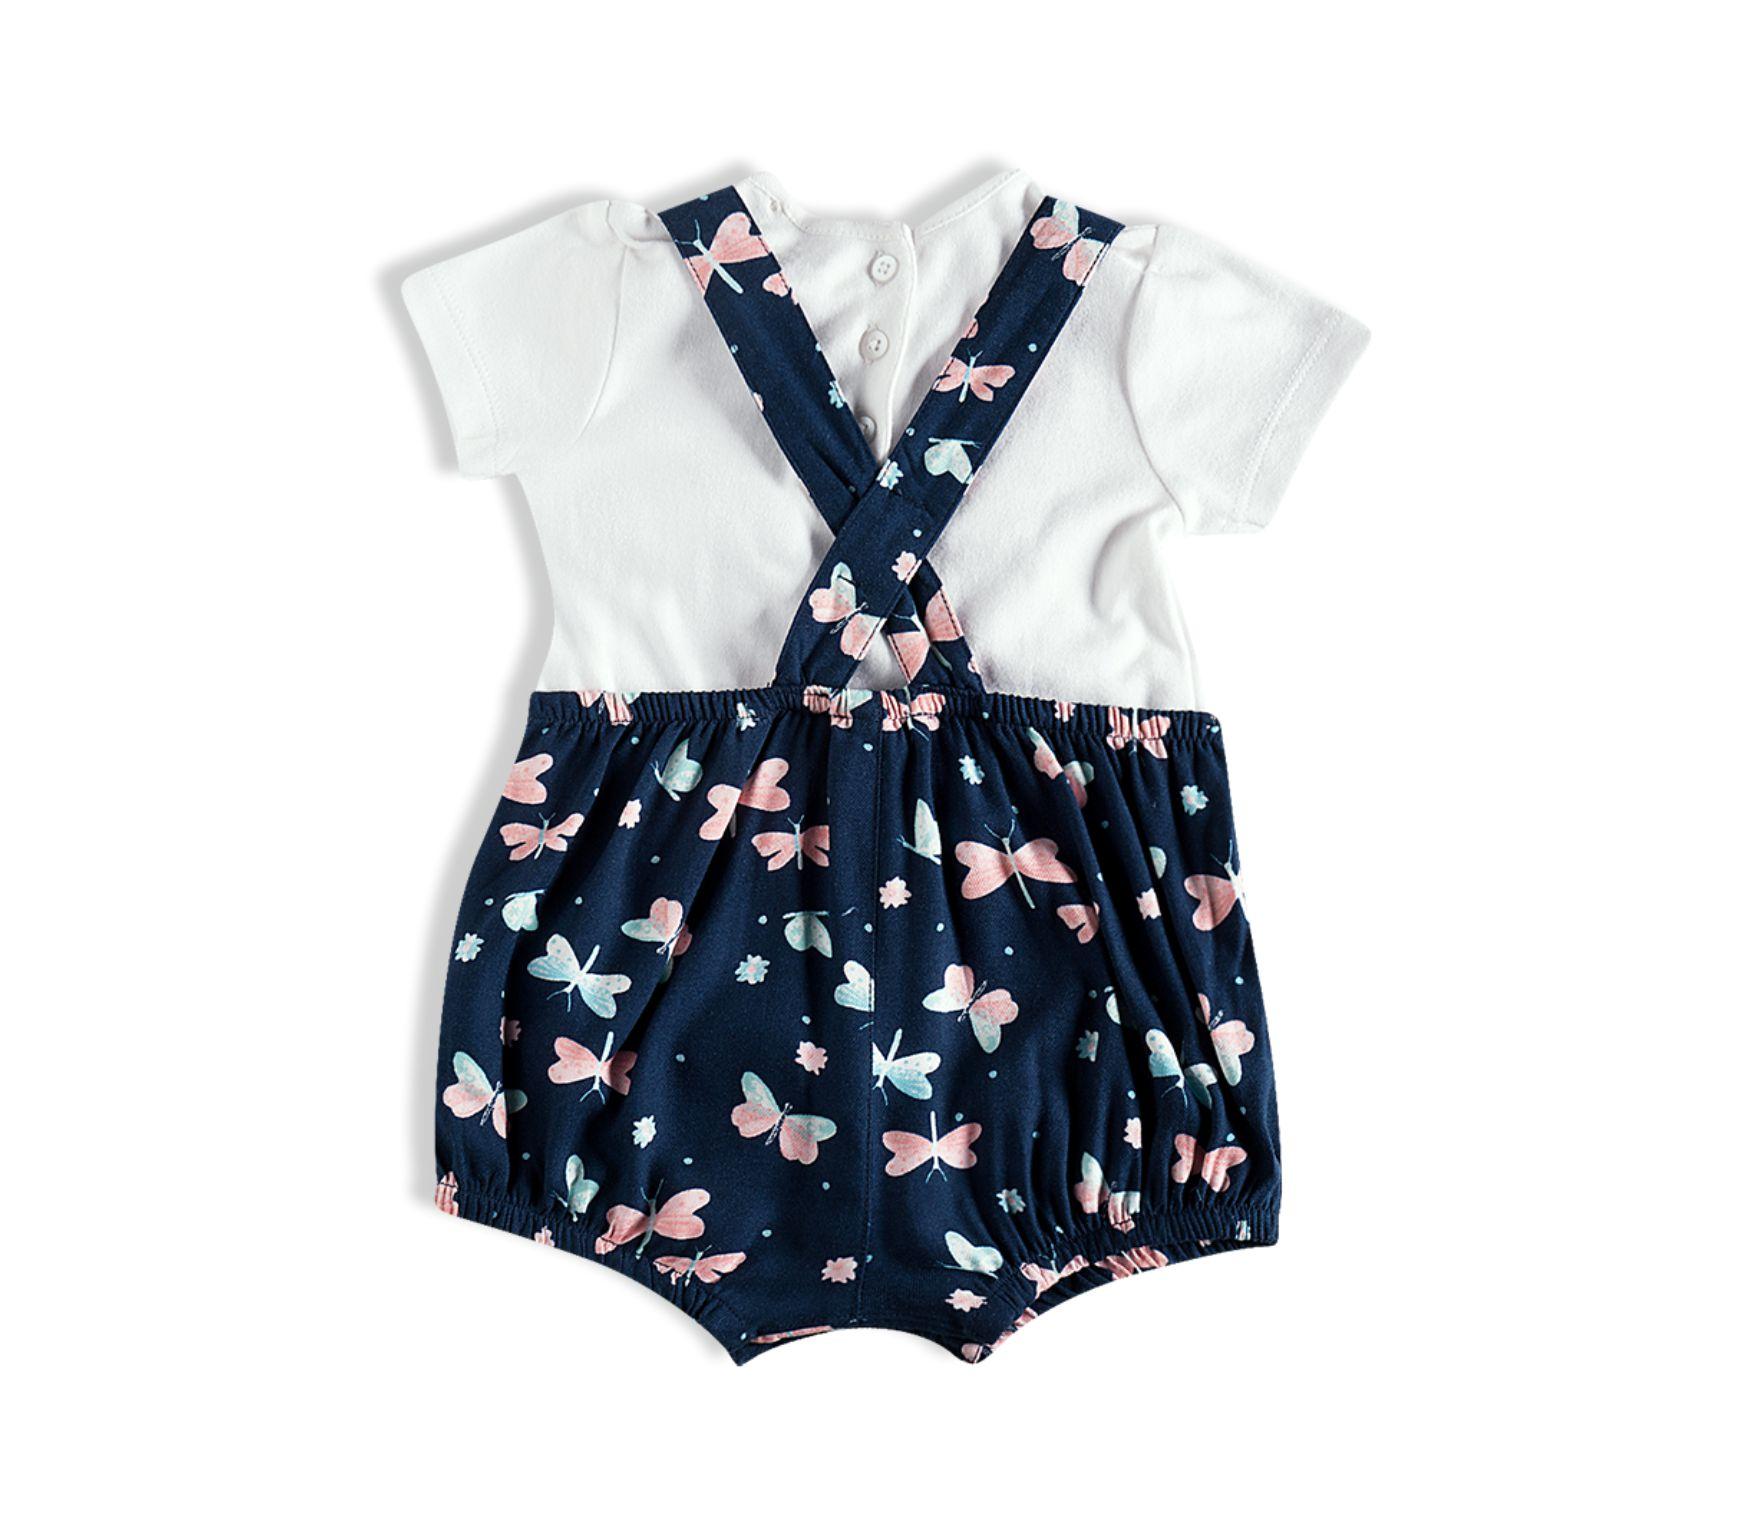 Jardineira - Salopete bebê - Tip Top - 13500101